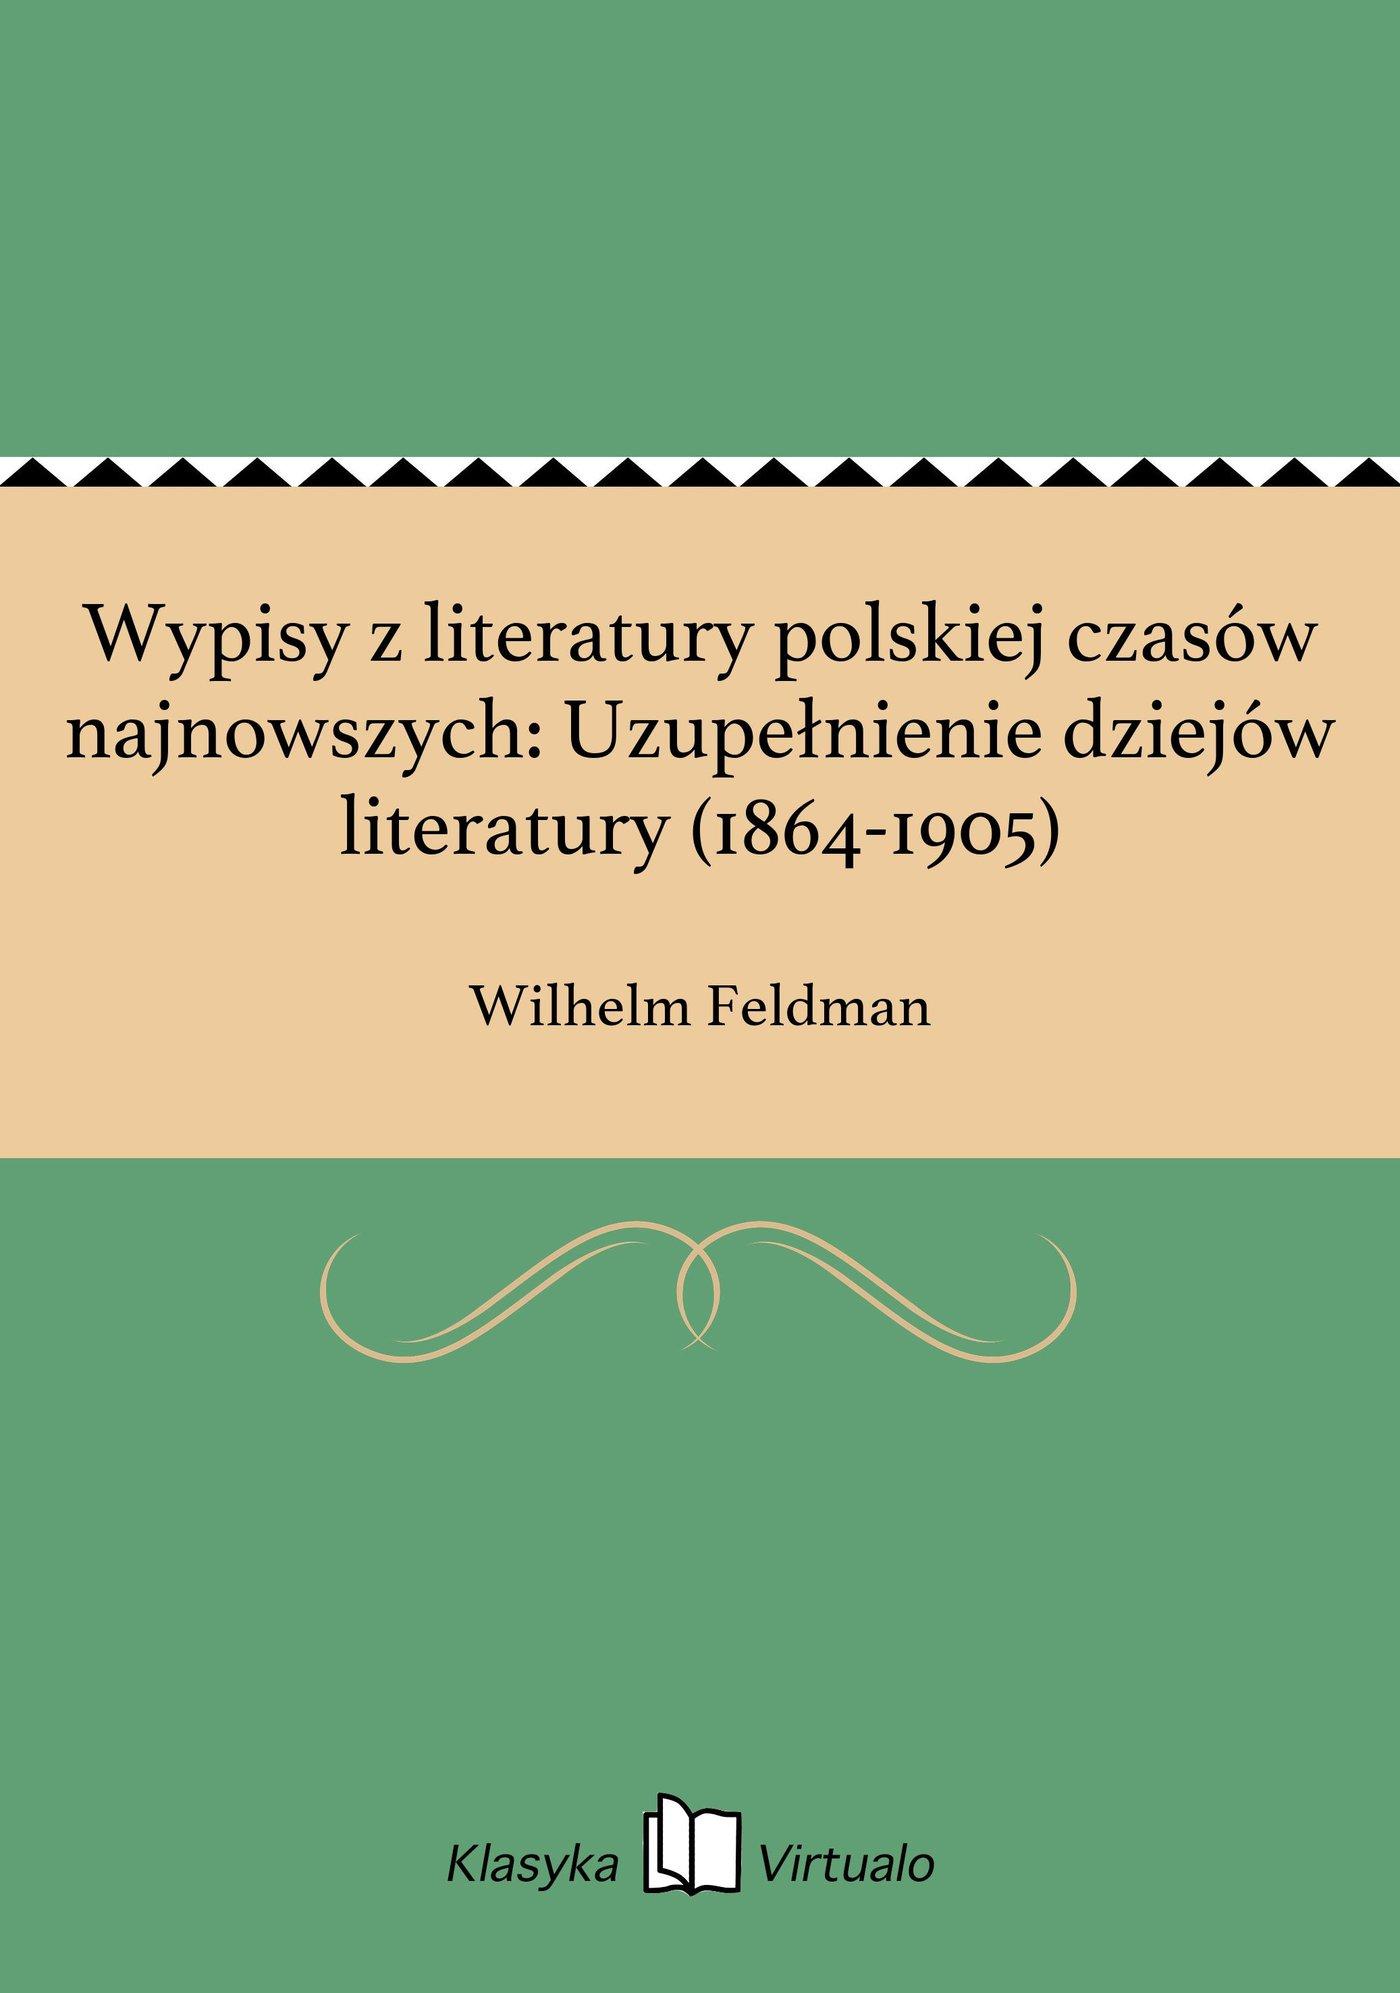 Wypisy z literatury polskiej czasów najnowszych: Uzupełnienie dziejów literatury (1864-1905) - Ebook (Książka EPUB) do pobrania w formacie EPUB